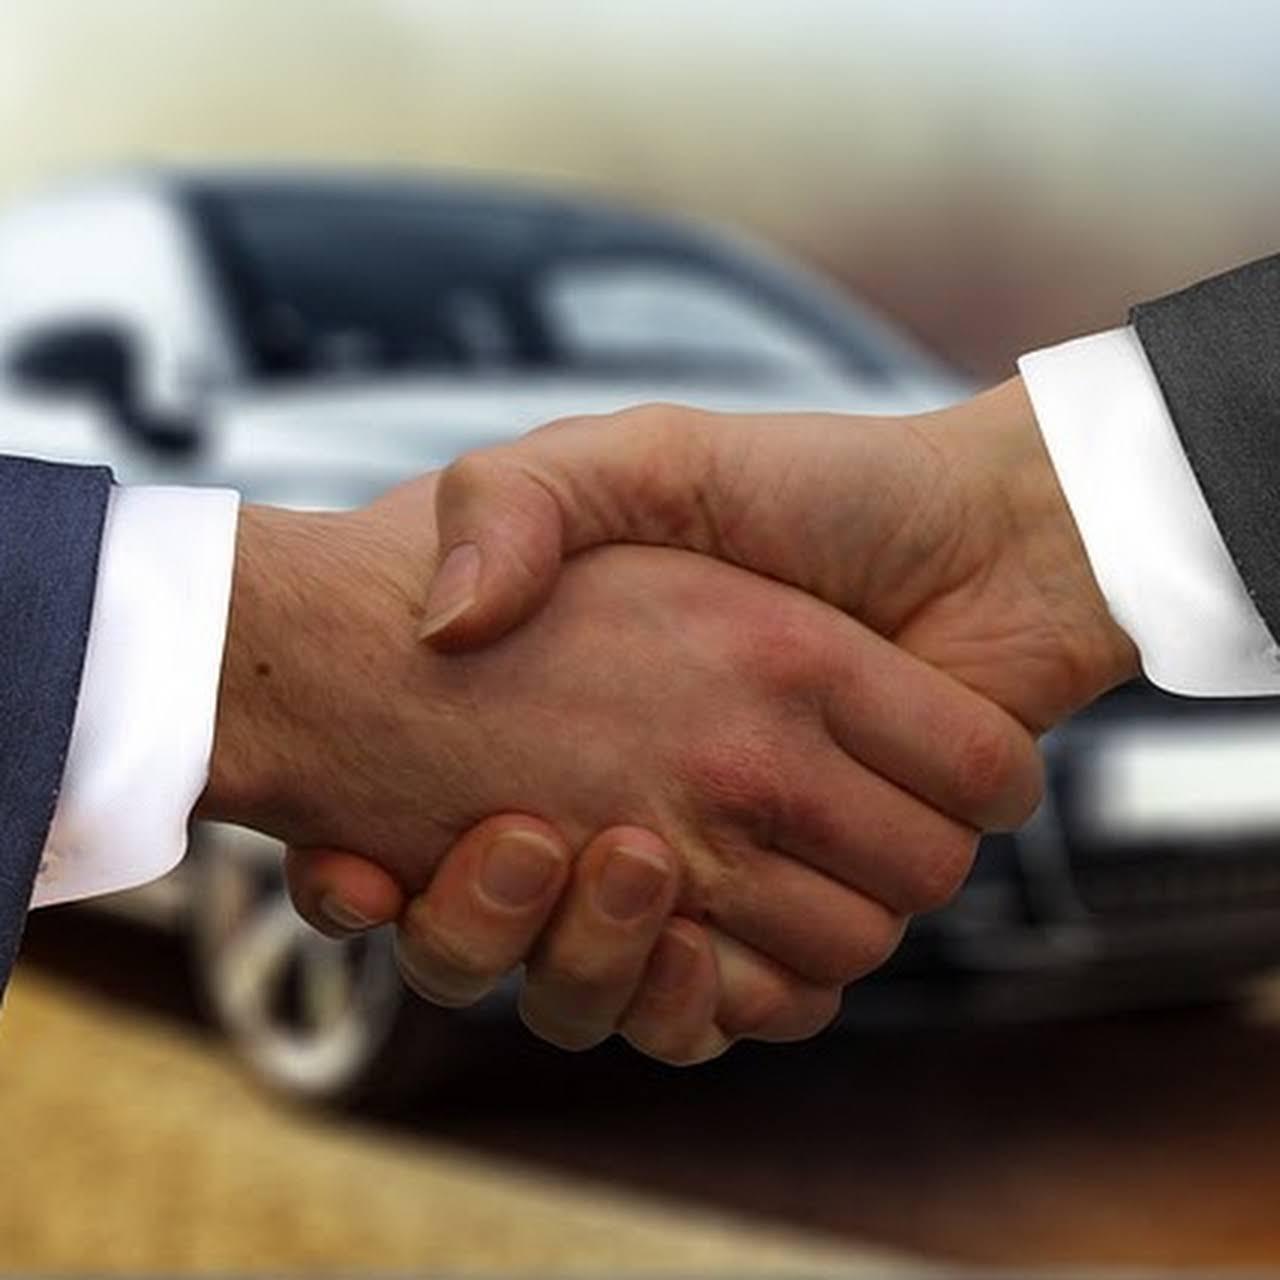 Sälja bilen göteborg